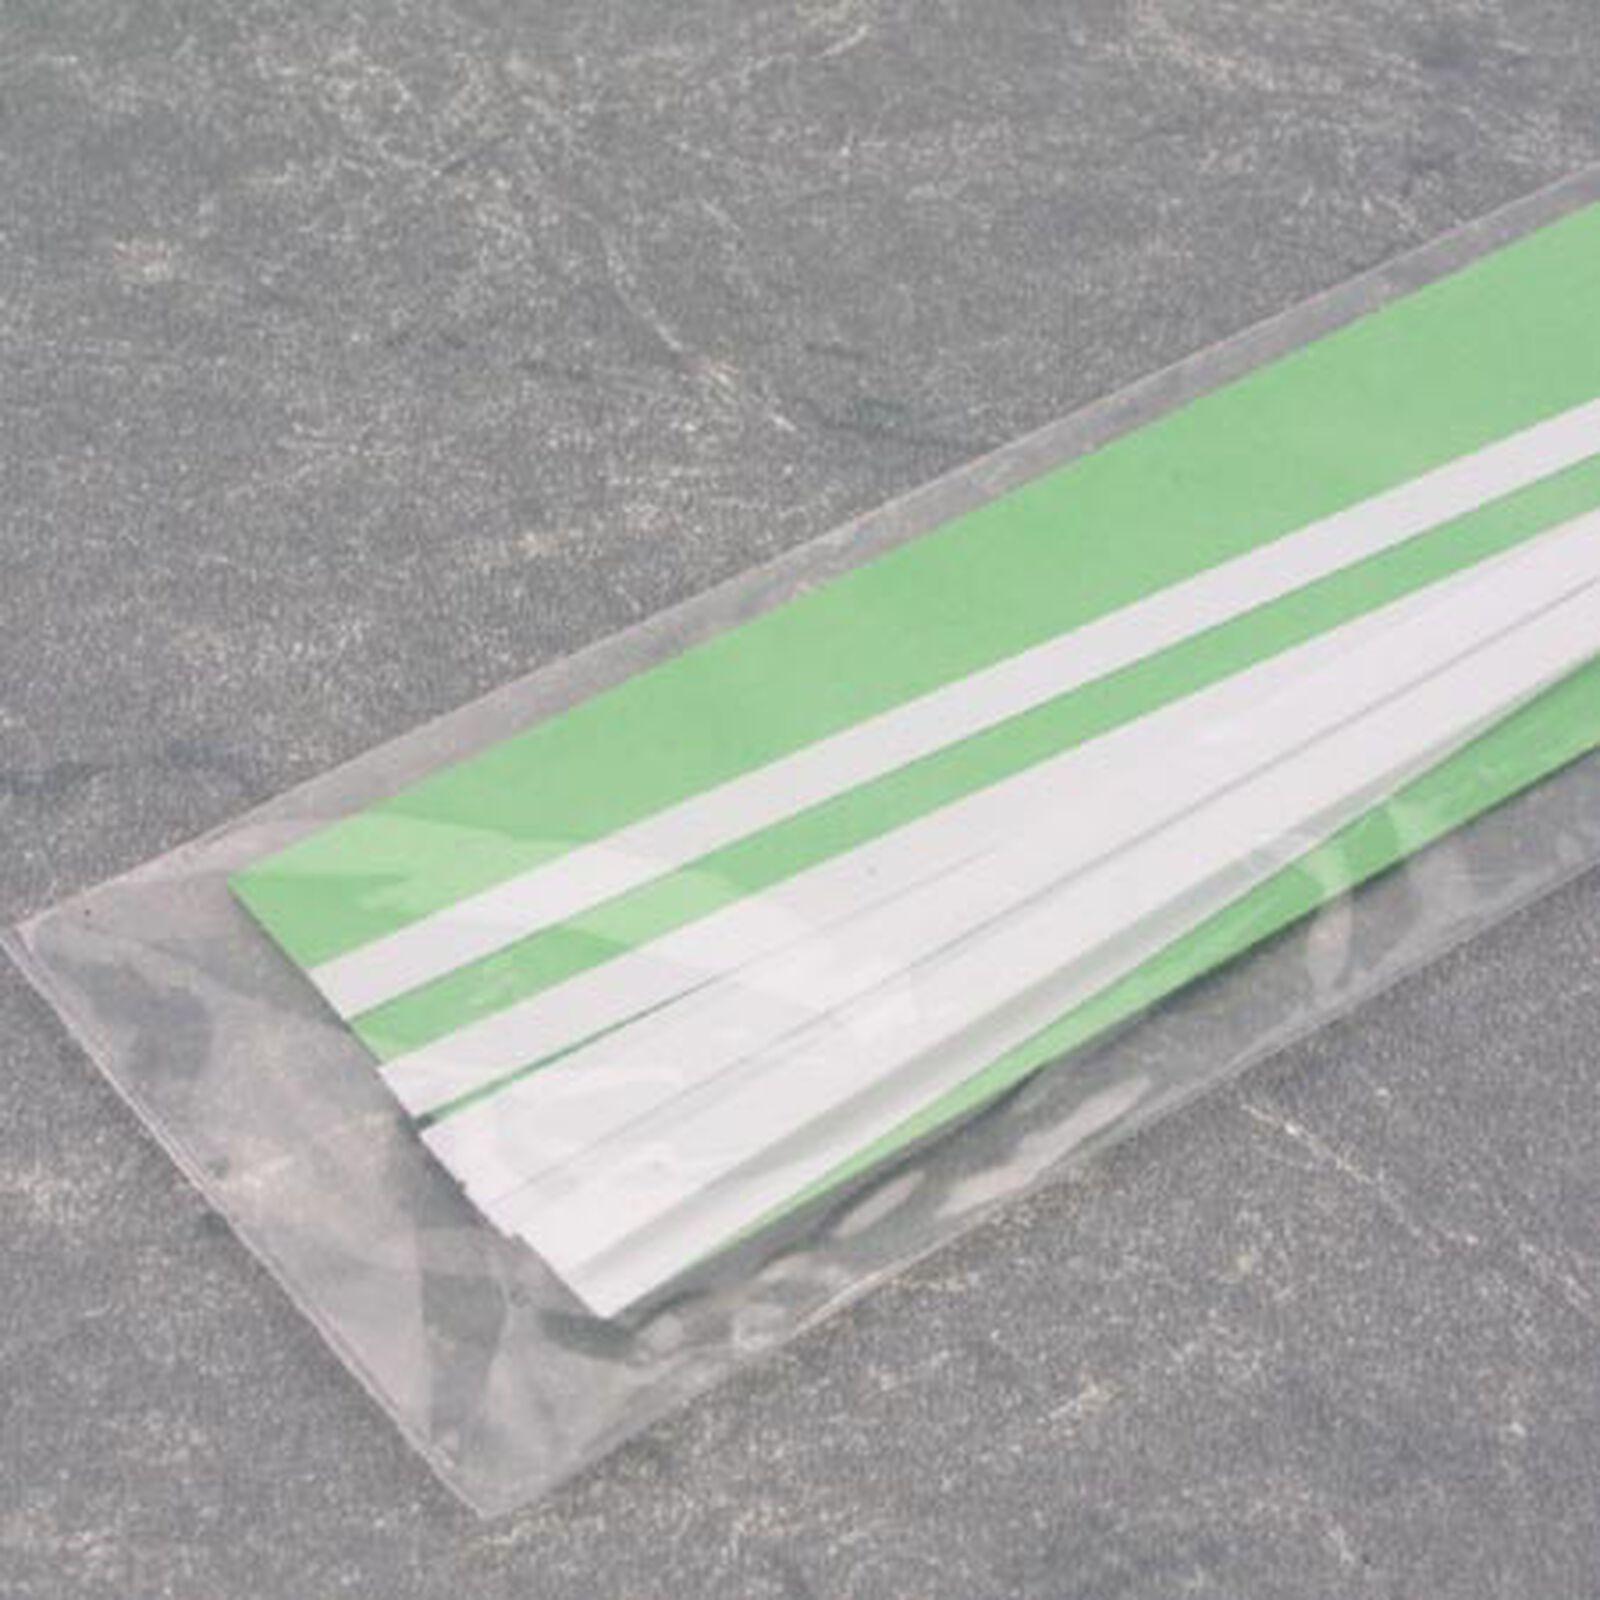 Strip .010 x .188 (10)